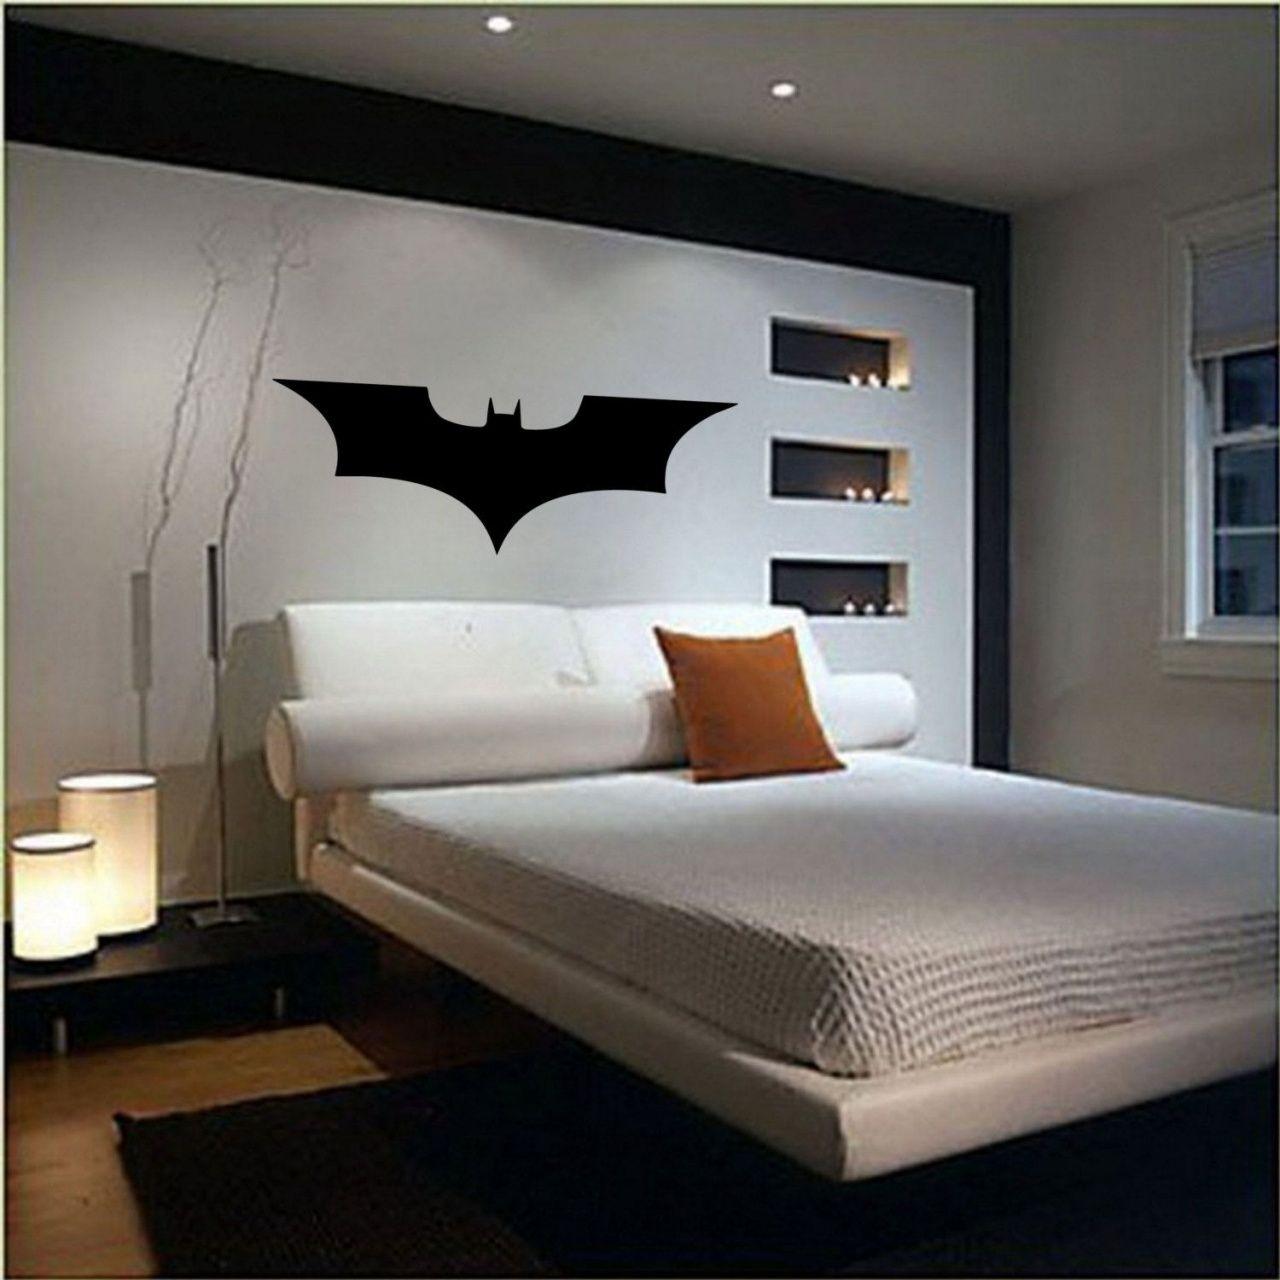 Batman Bedroom Set For Adults Home Decor Bedroom Home Decor Bedroom Design